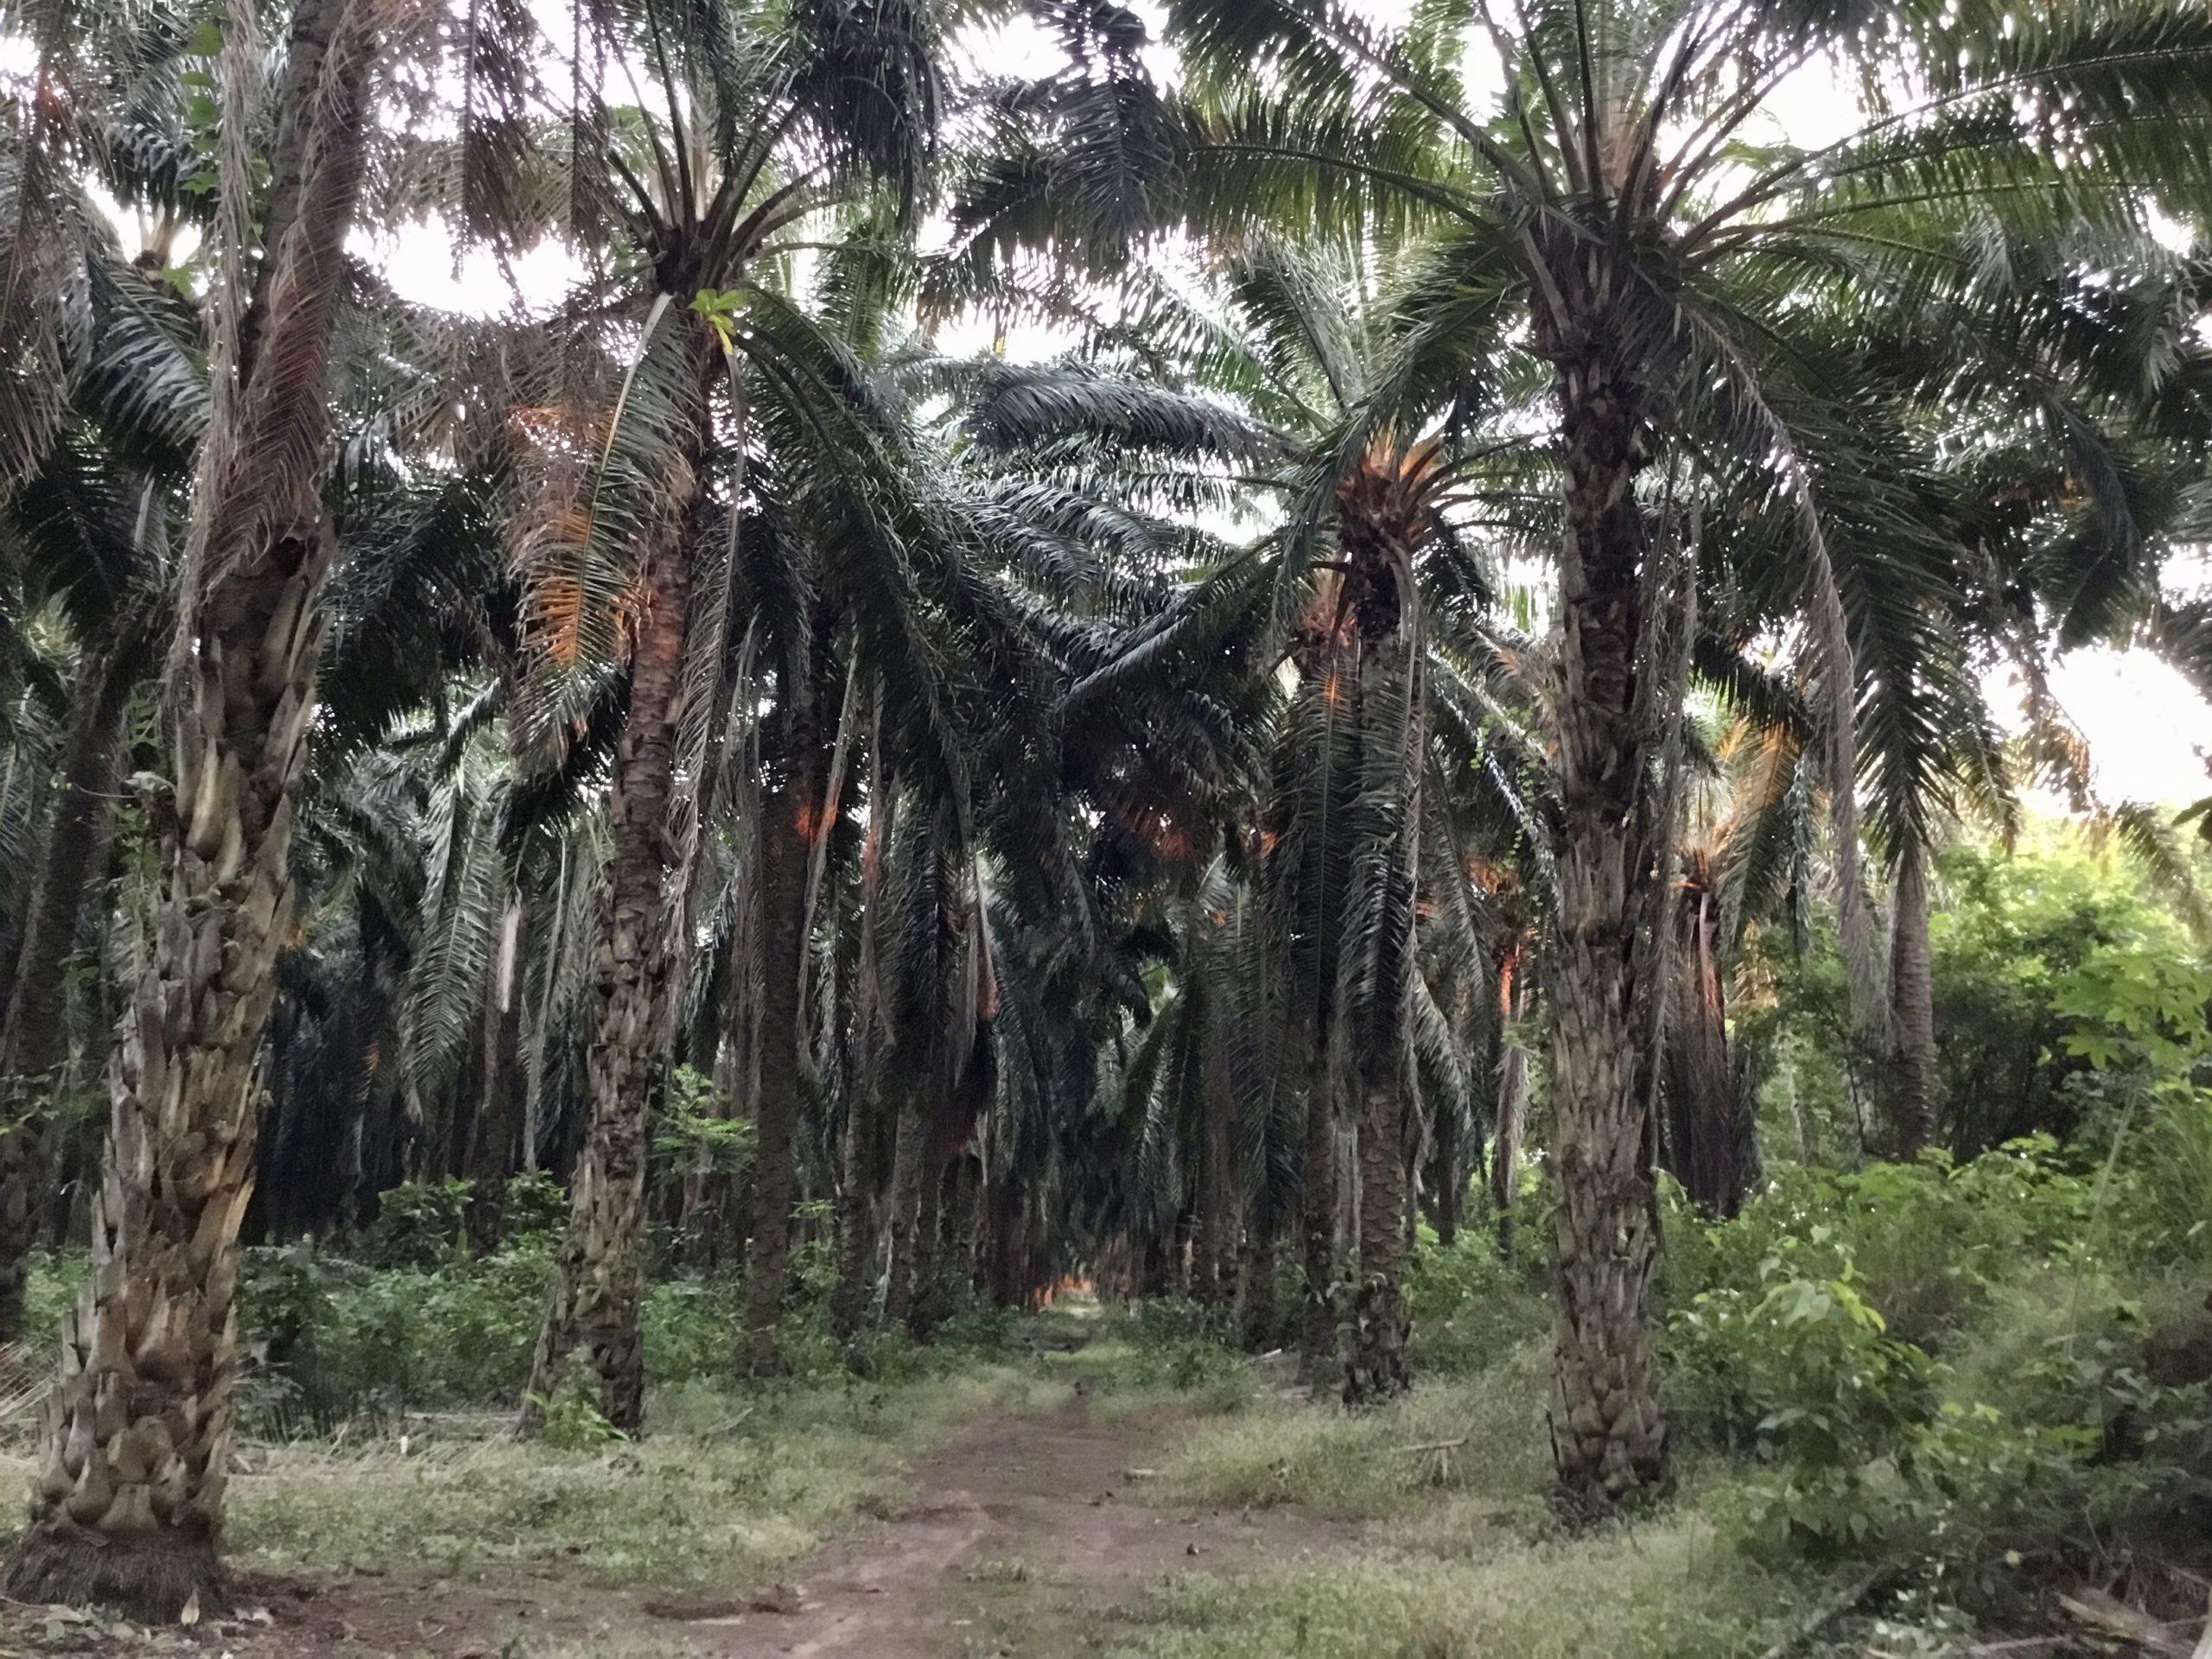 El conflictivo avance de la palma aceitera en Guatemala